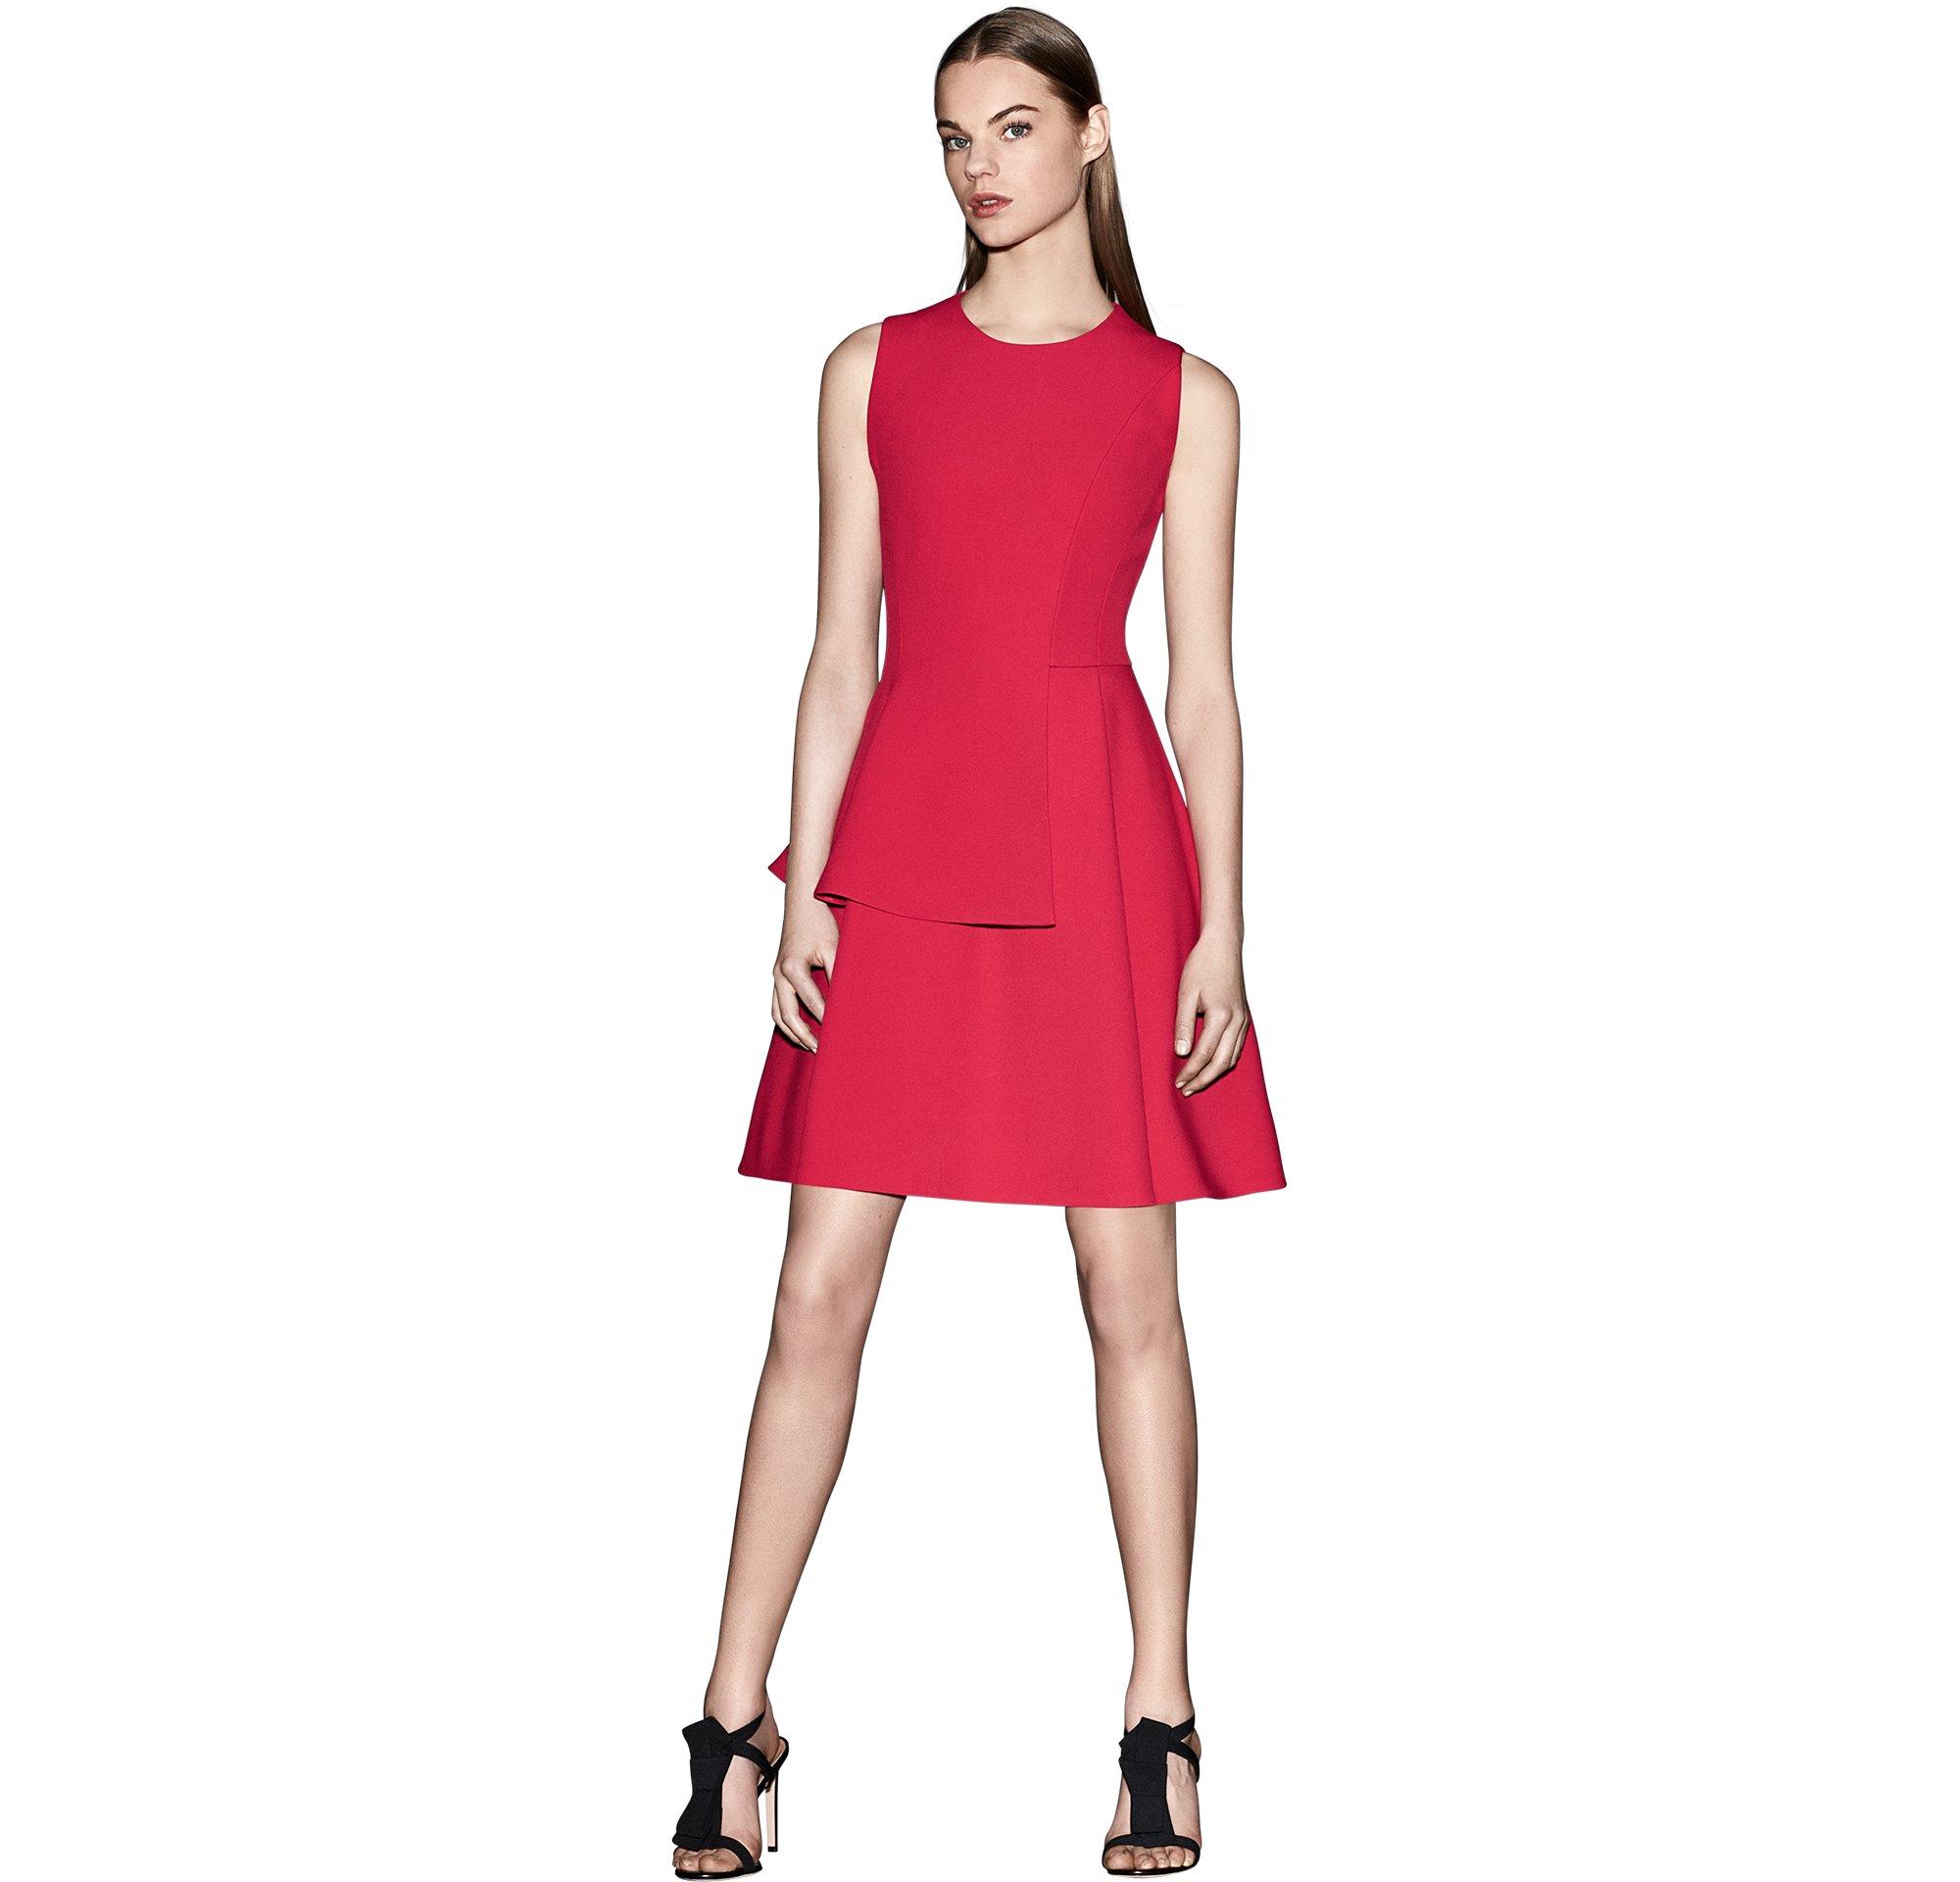 Rotes Kleid und schwarze Schuhe von BOSS